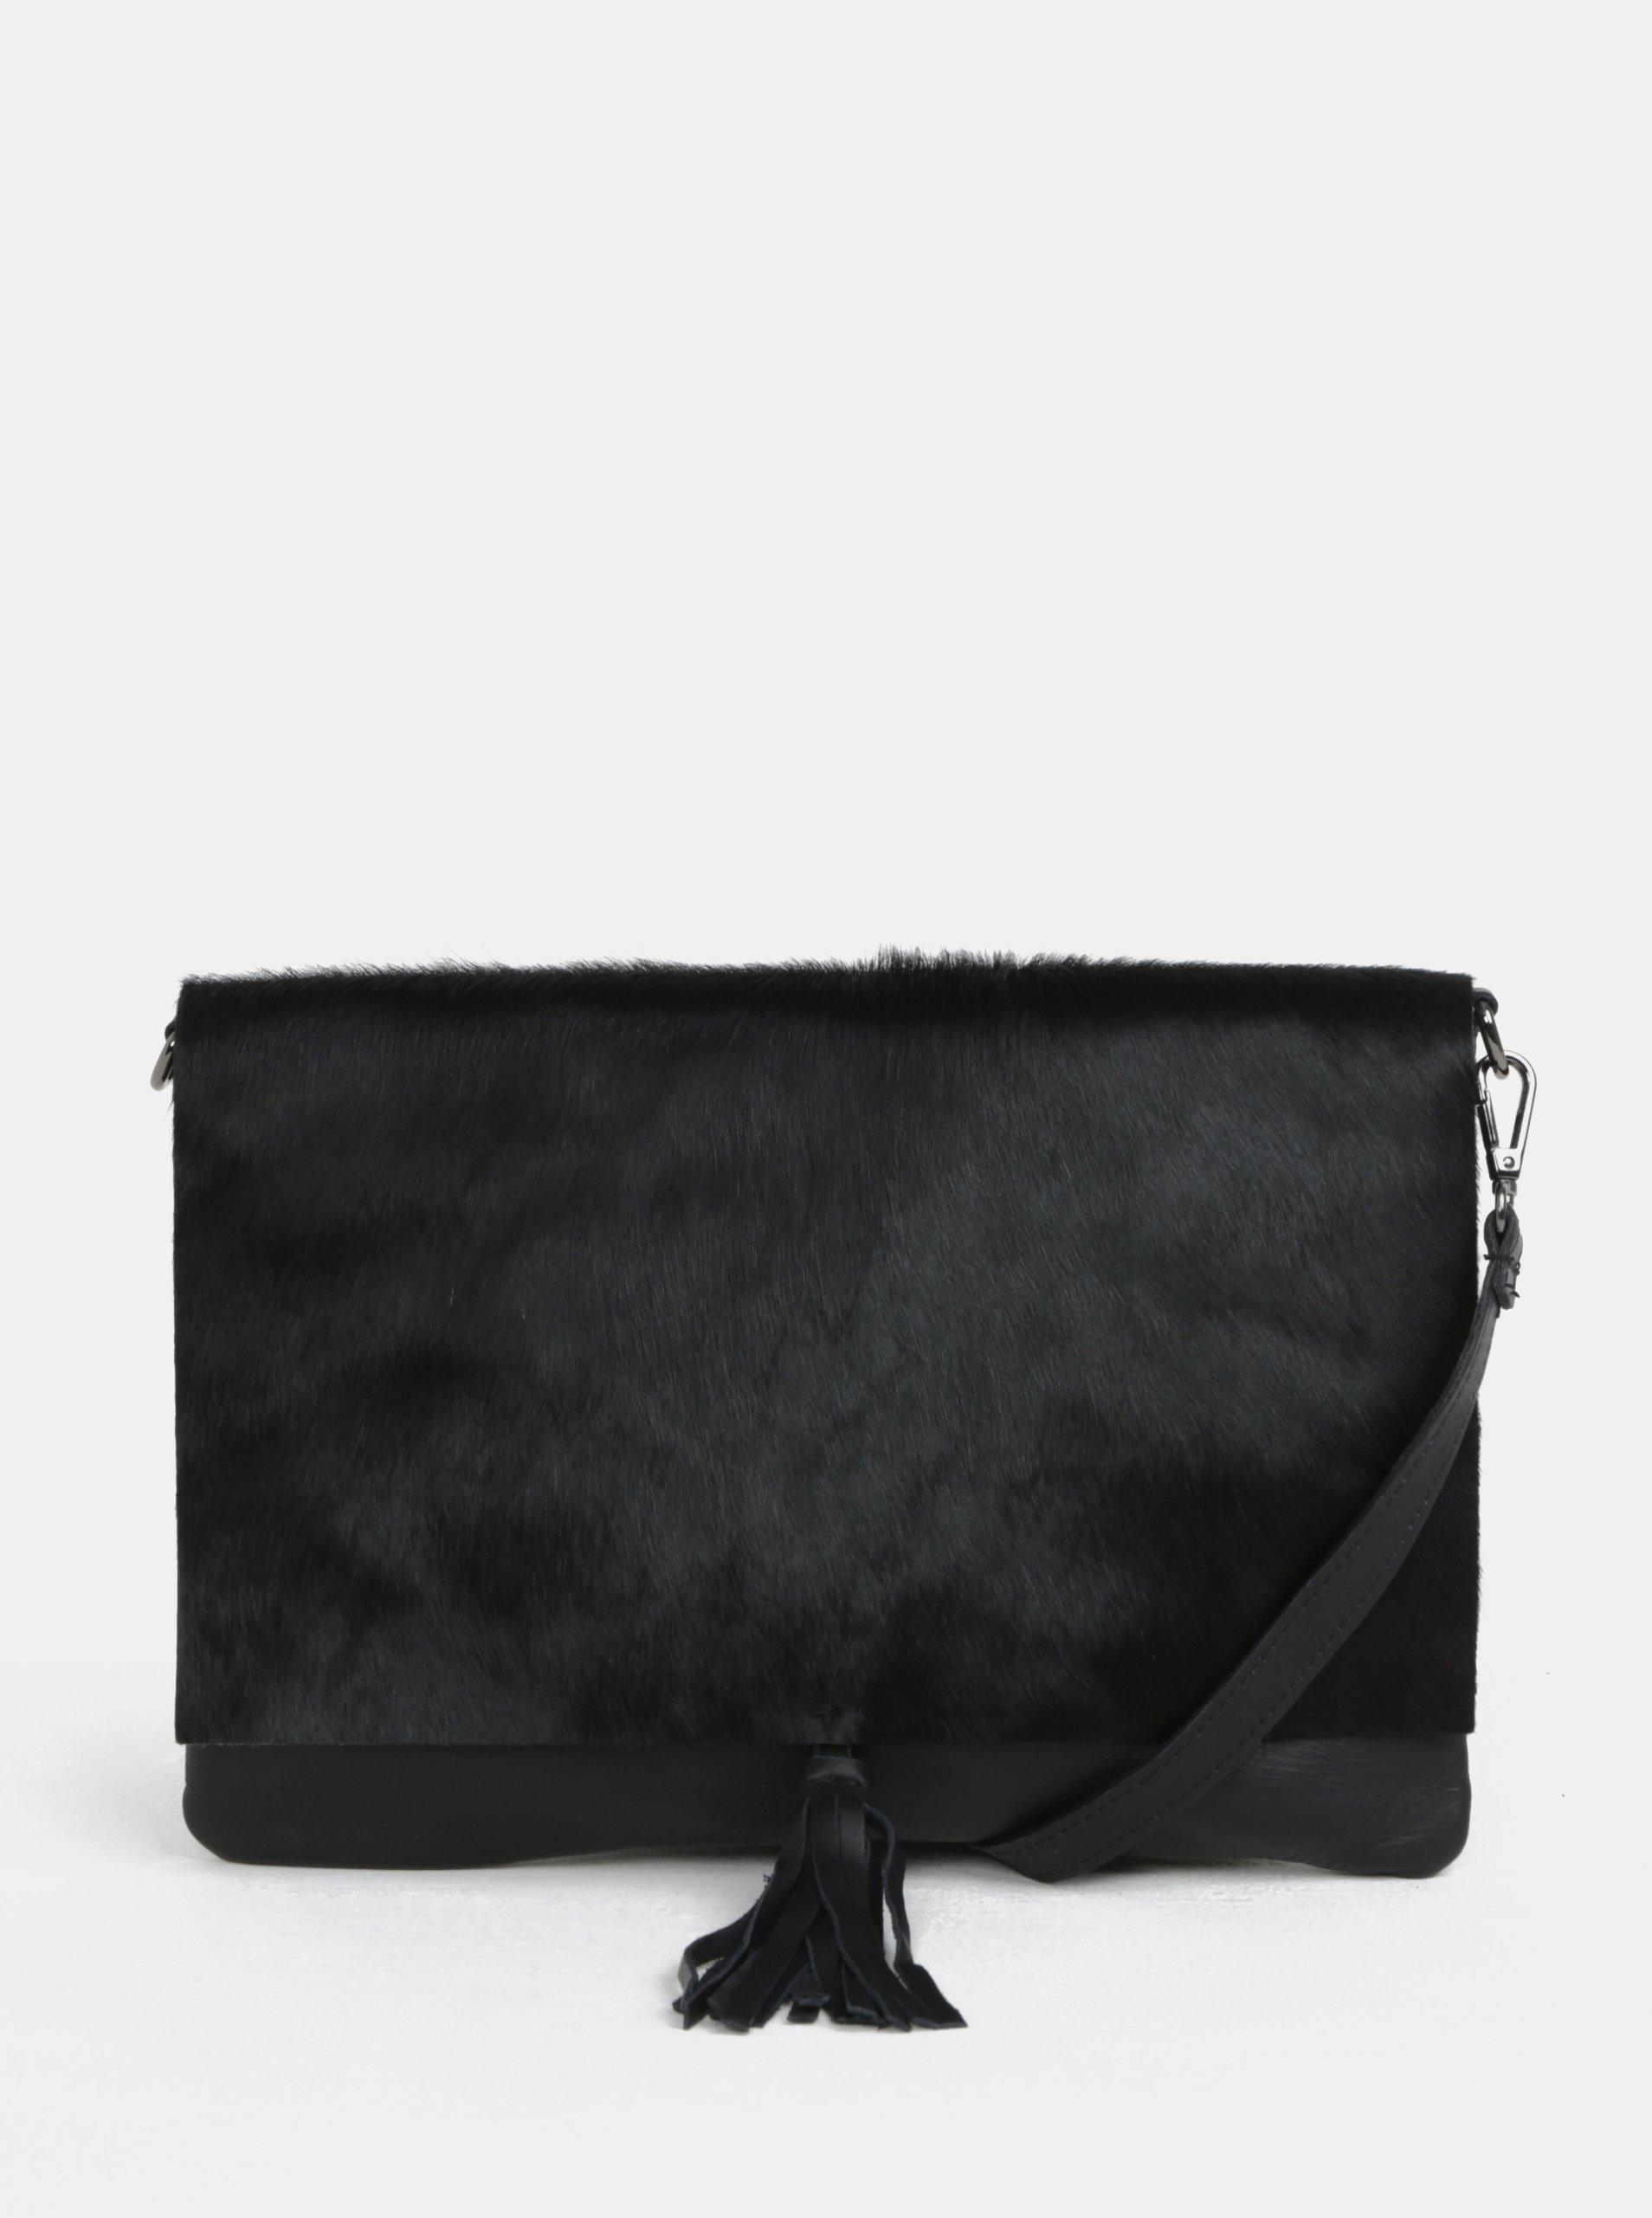 Černá kožená crossbody kabelka s kožešinovou klopou ZOOT 7eb7fe77f5